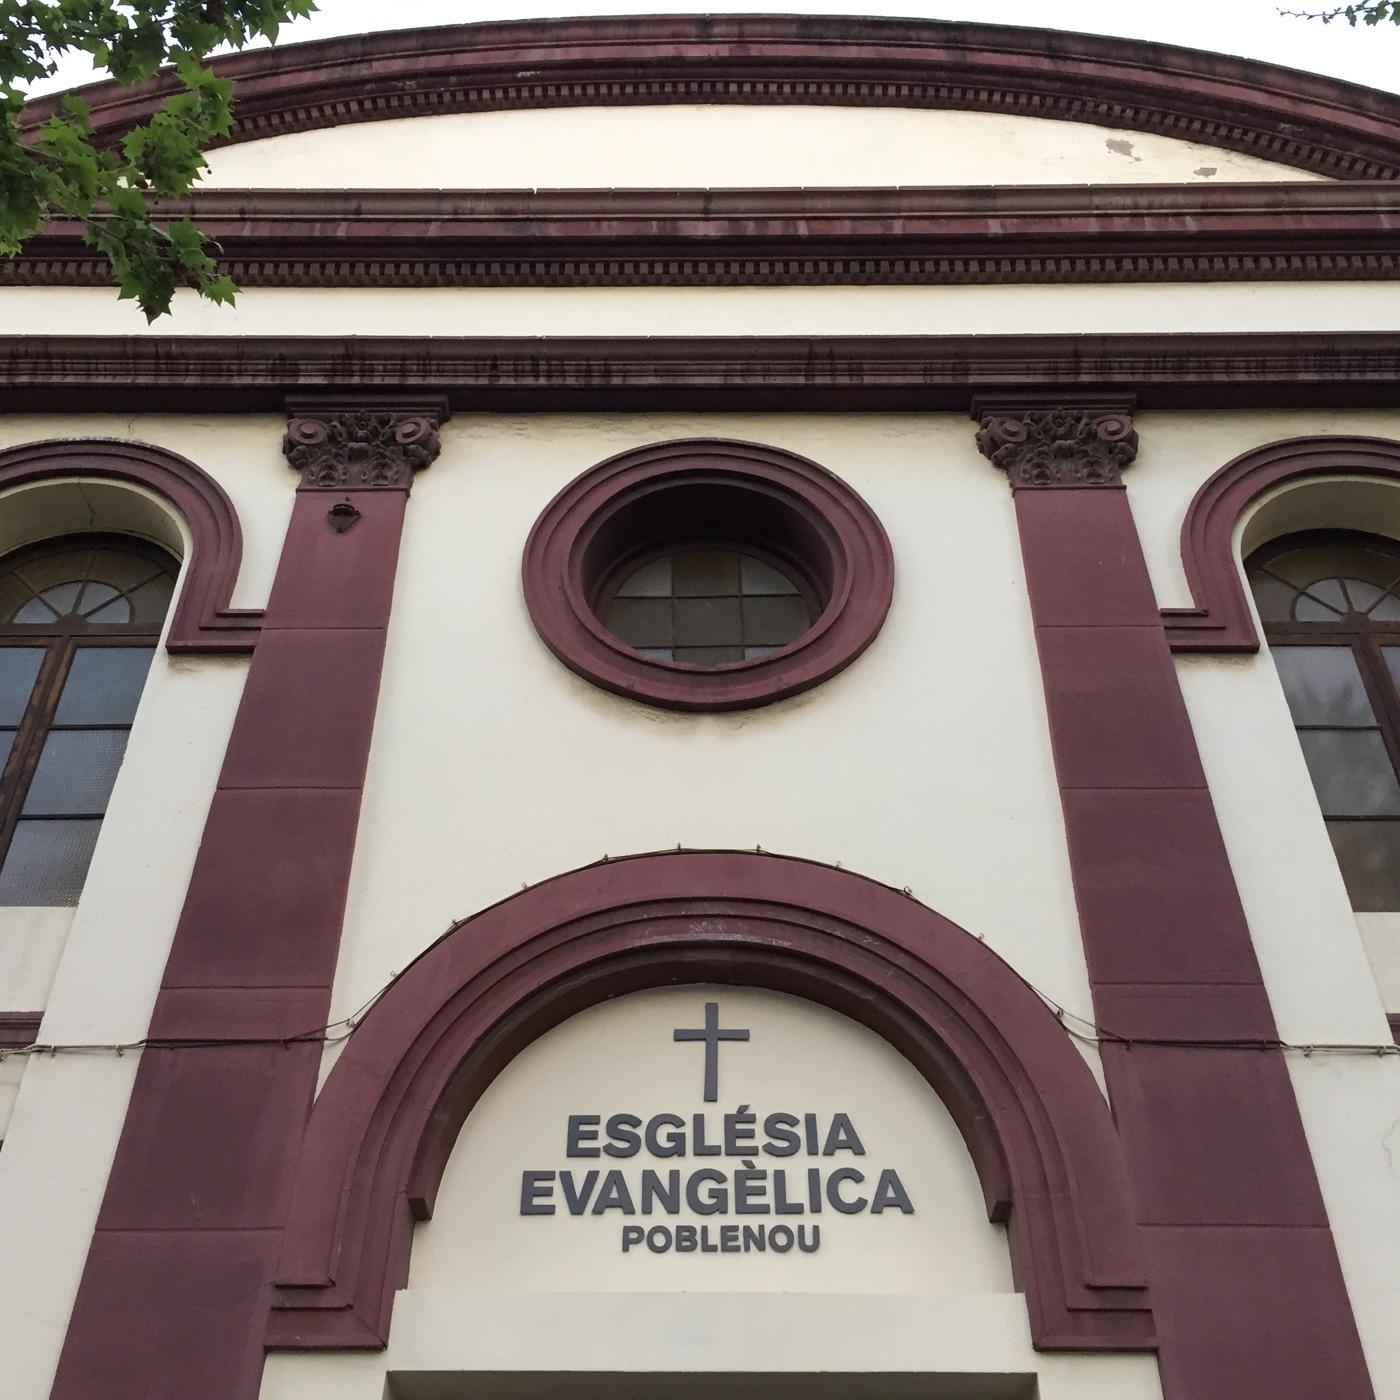 Iglesia Evangélica de Poblenou, Barcelona